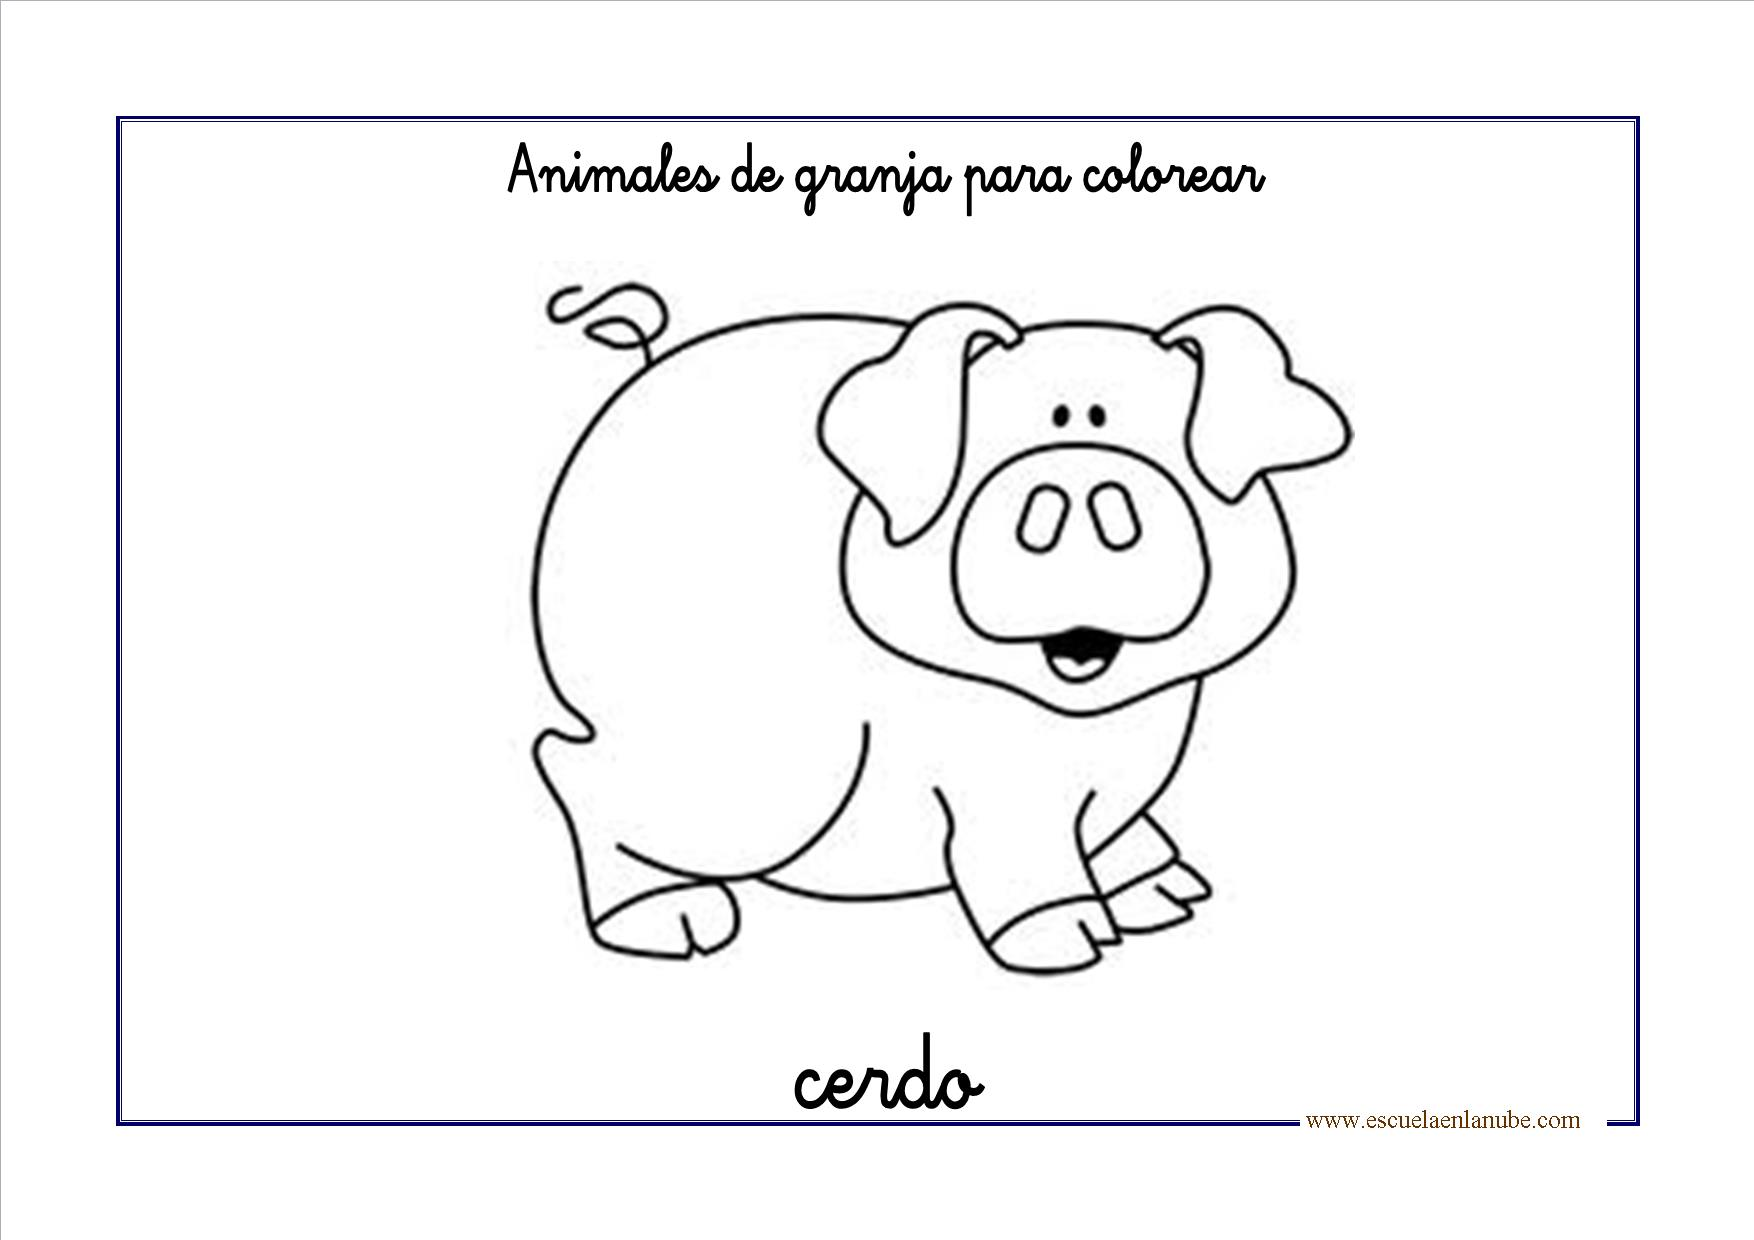 Excepcional Lindo Cerdo Para Colorear Imagen - Dibujos Para Colorear ...